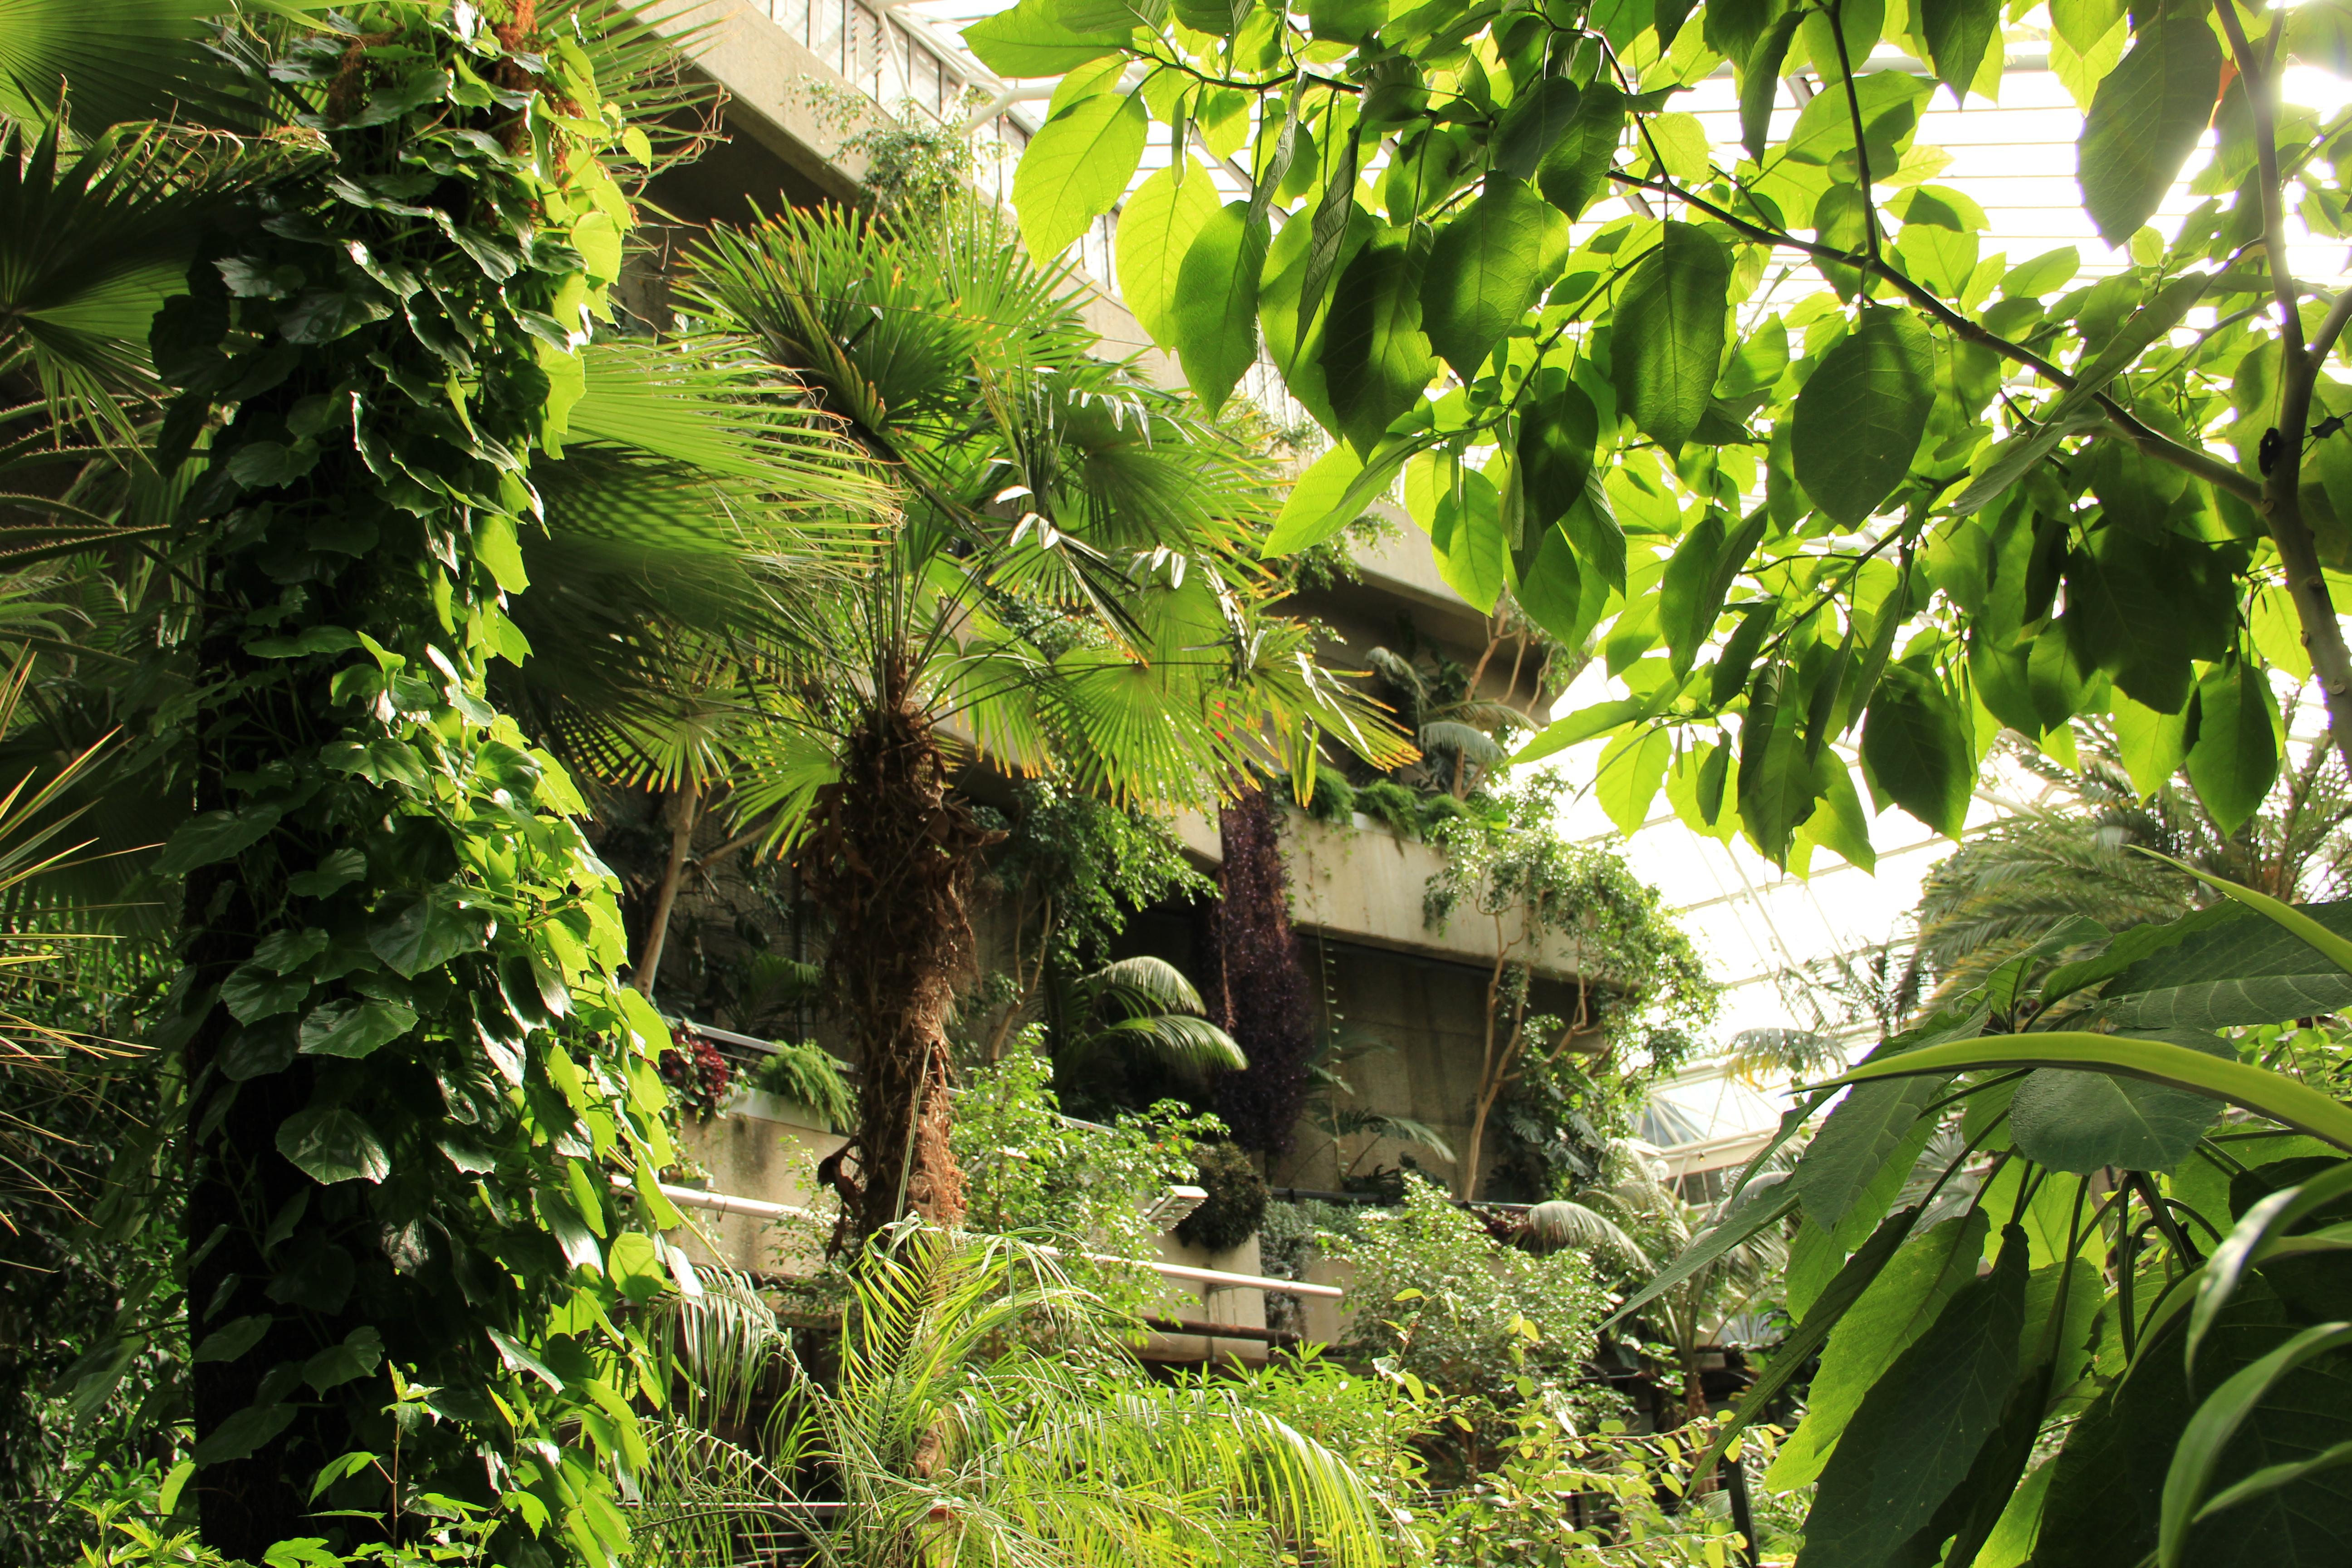 barbican centre s secret garden – plinth et al